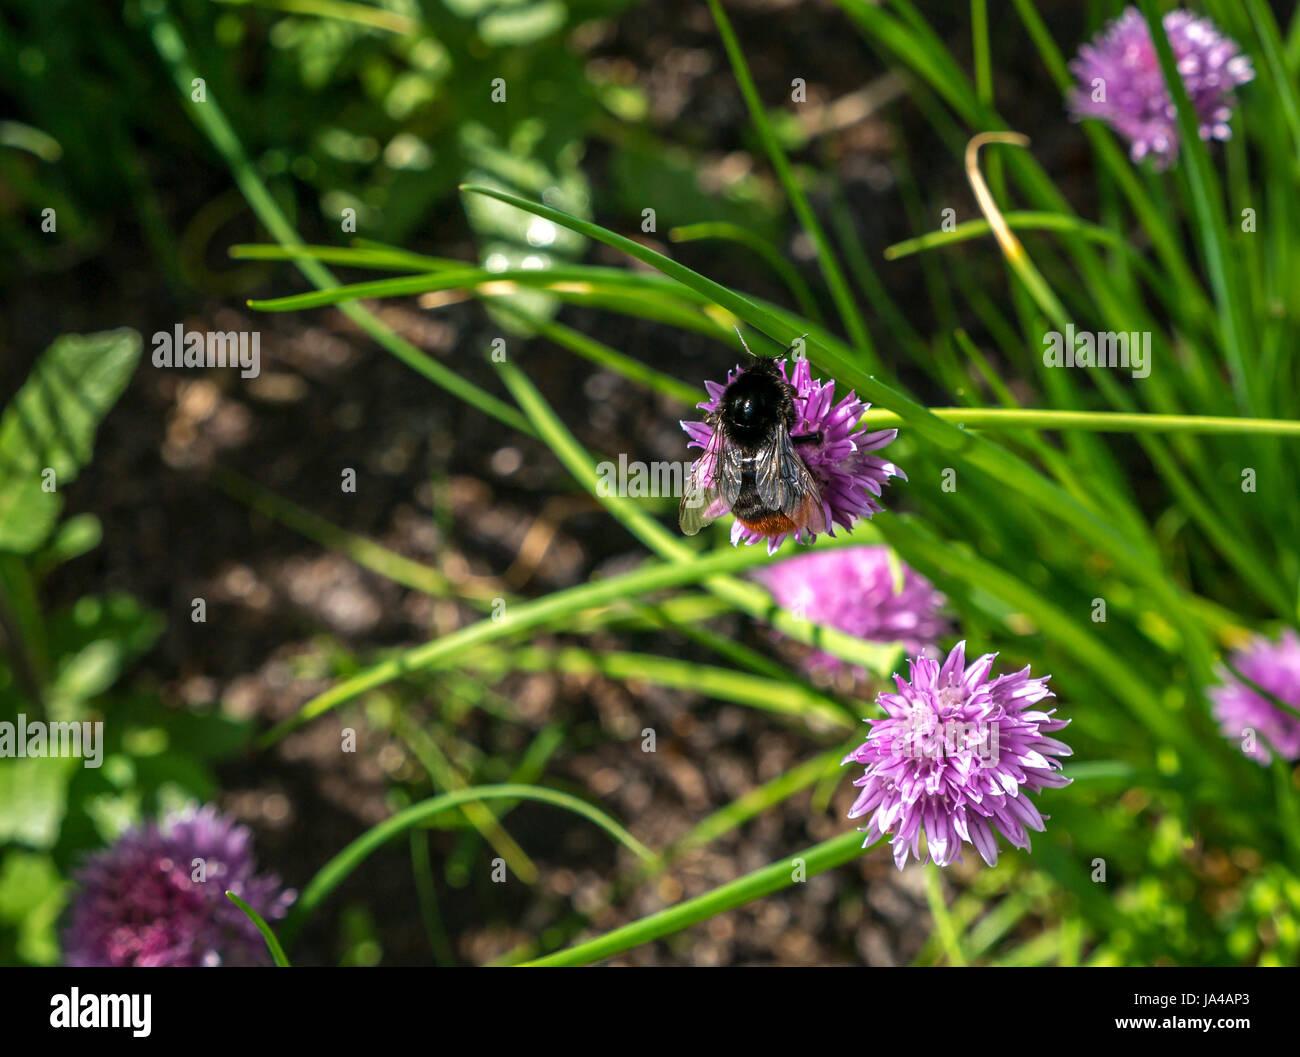 Gros plan de Bombus lapidarius, bourdon à queue rouge, sur la fleur de la ruche pourpre, Allium schoenoprasum, Écosse, Banque D'Images